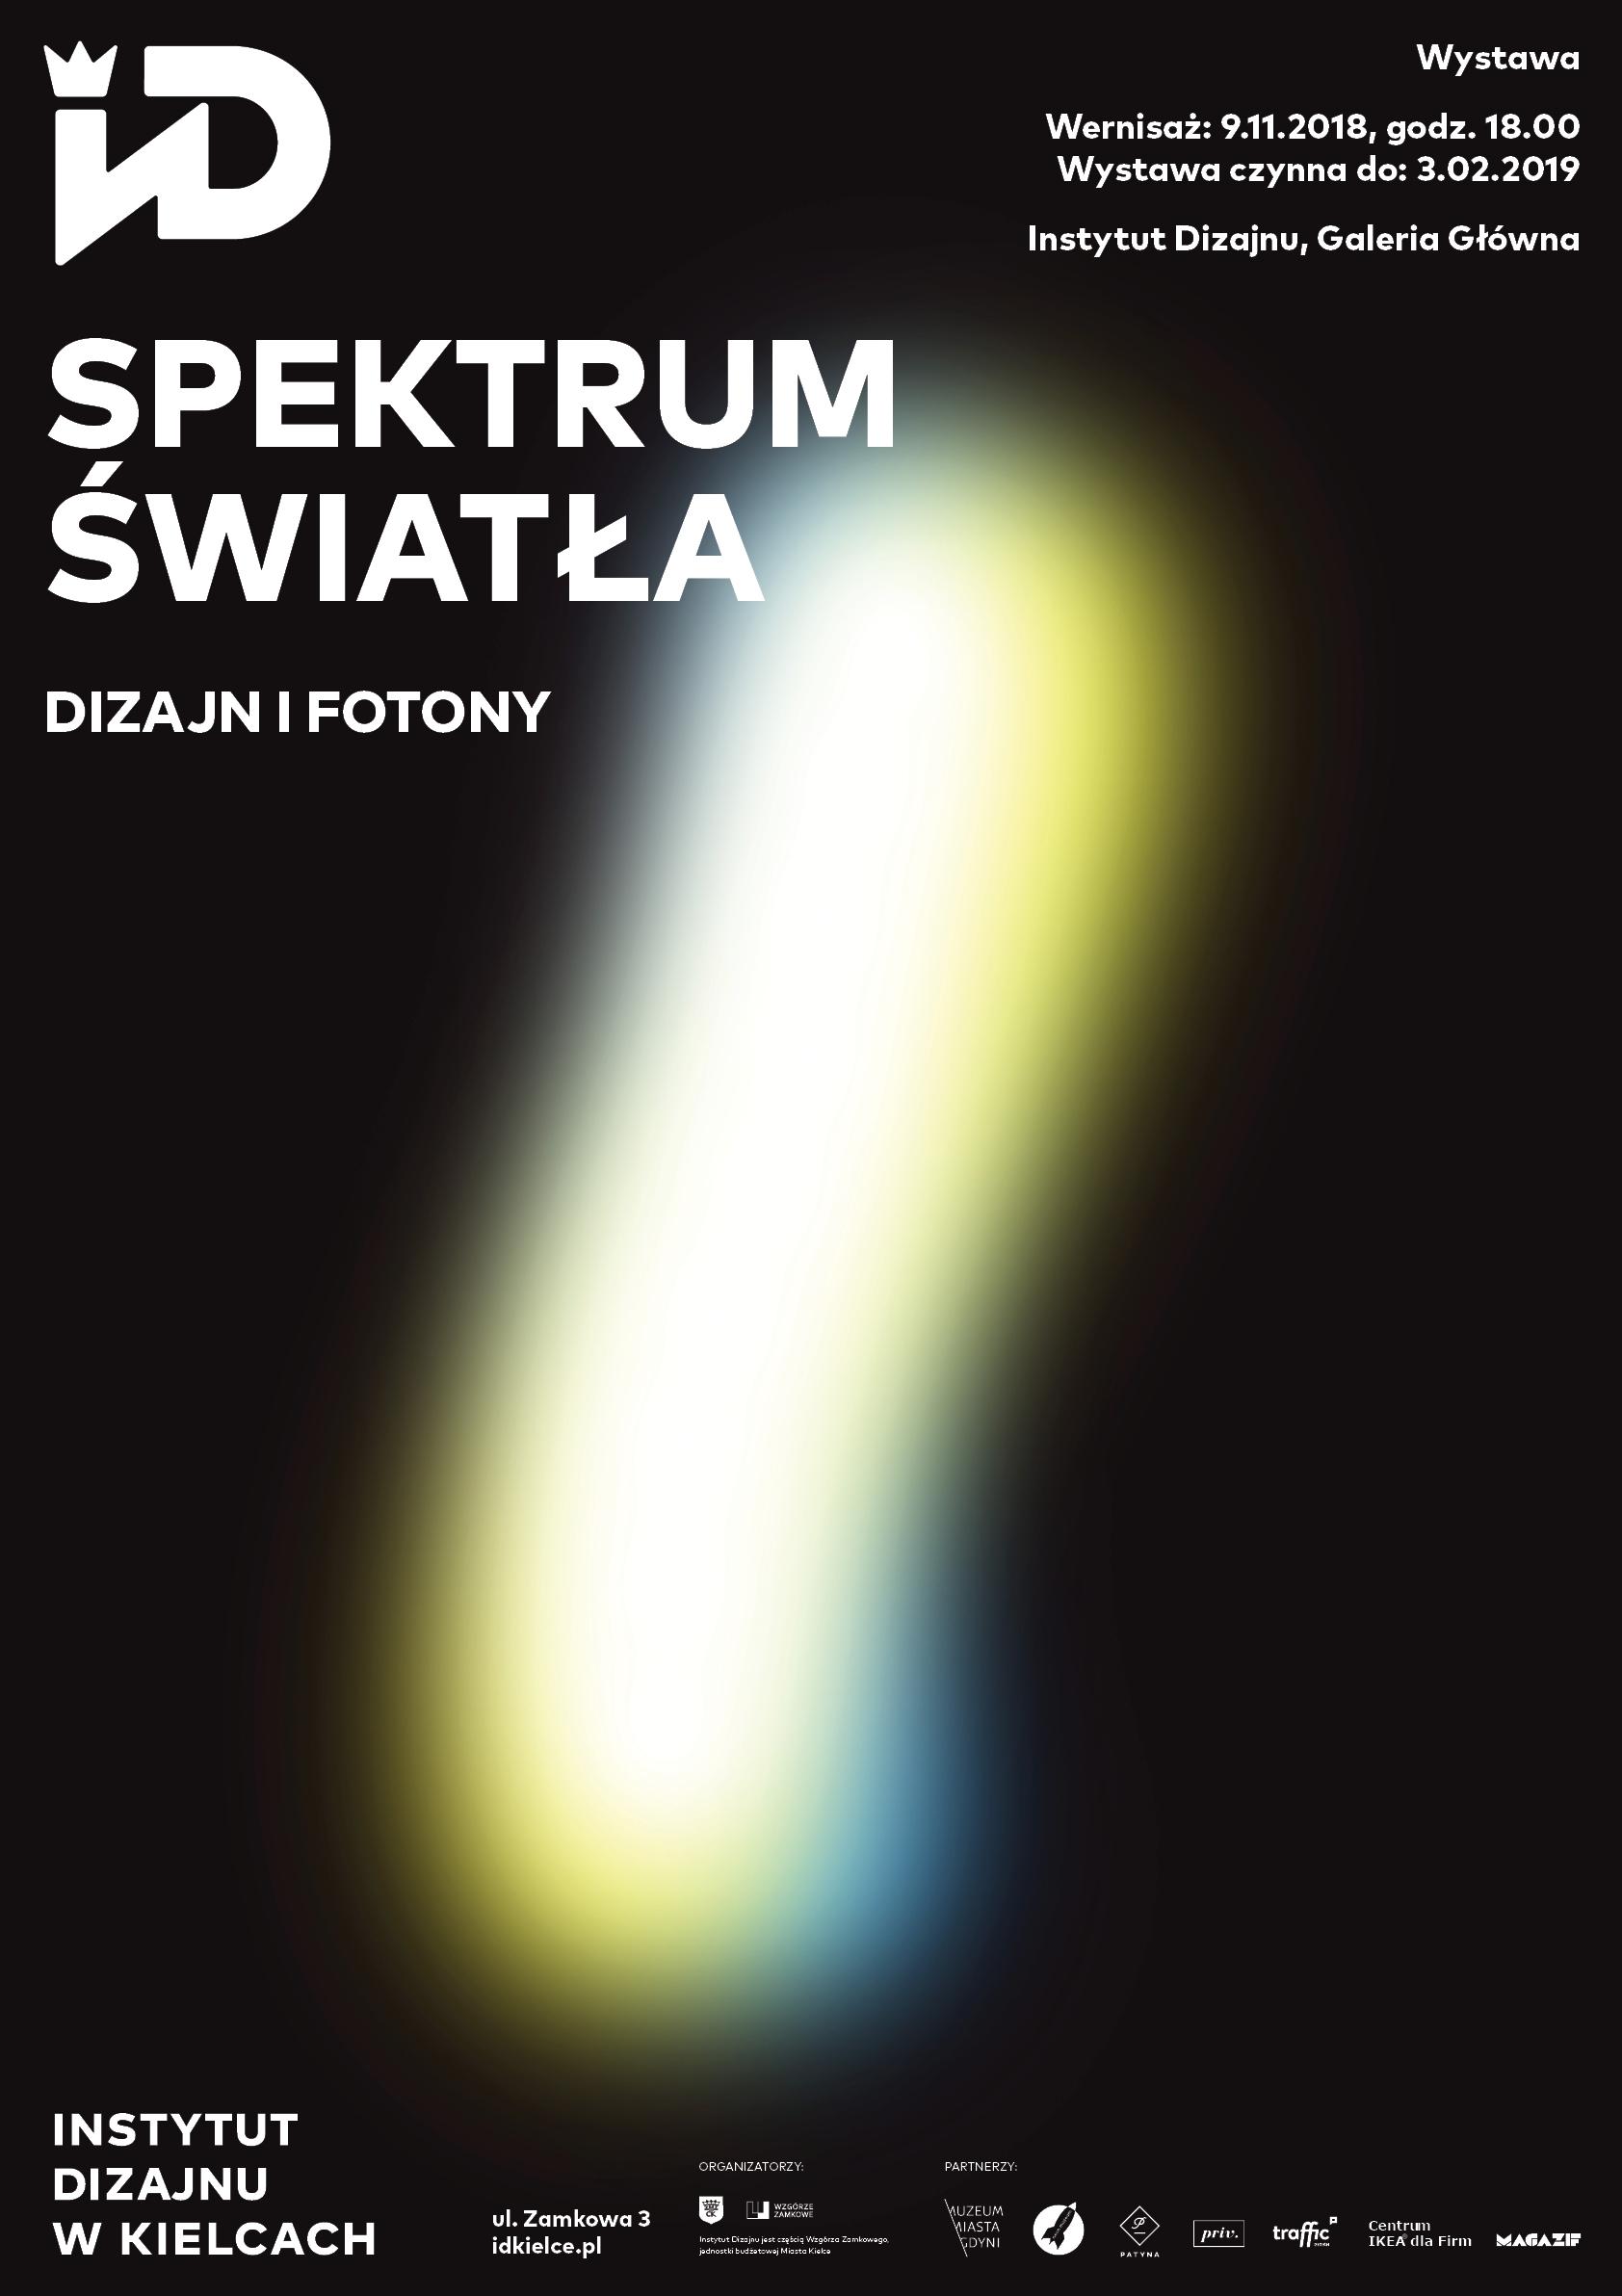 """""""Spektrum światła. Dizajn i fotony"""", Instytut Dizajnu w Kielcach (źródło: materiały prasowe organizatorów)"""